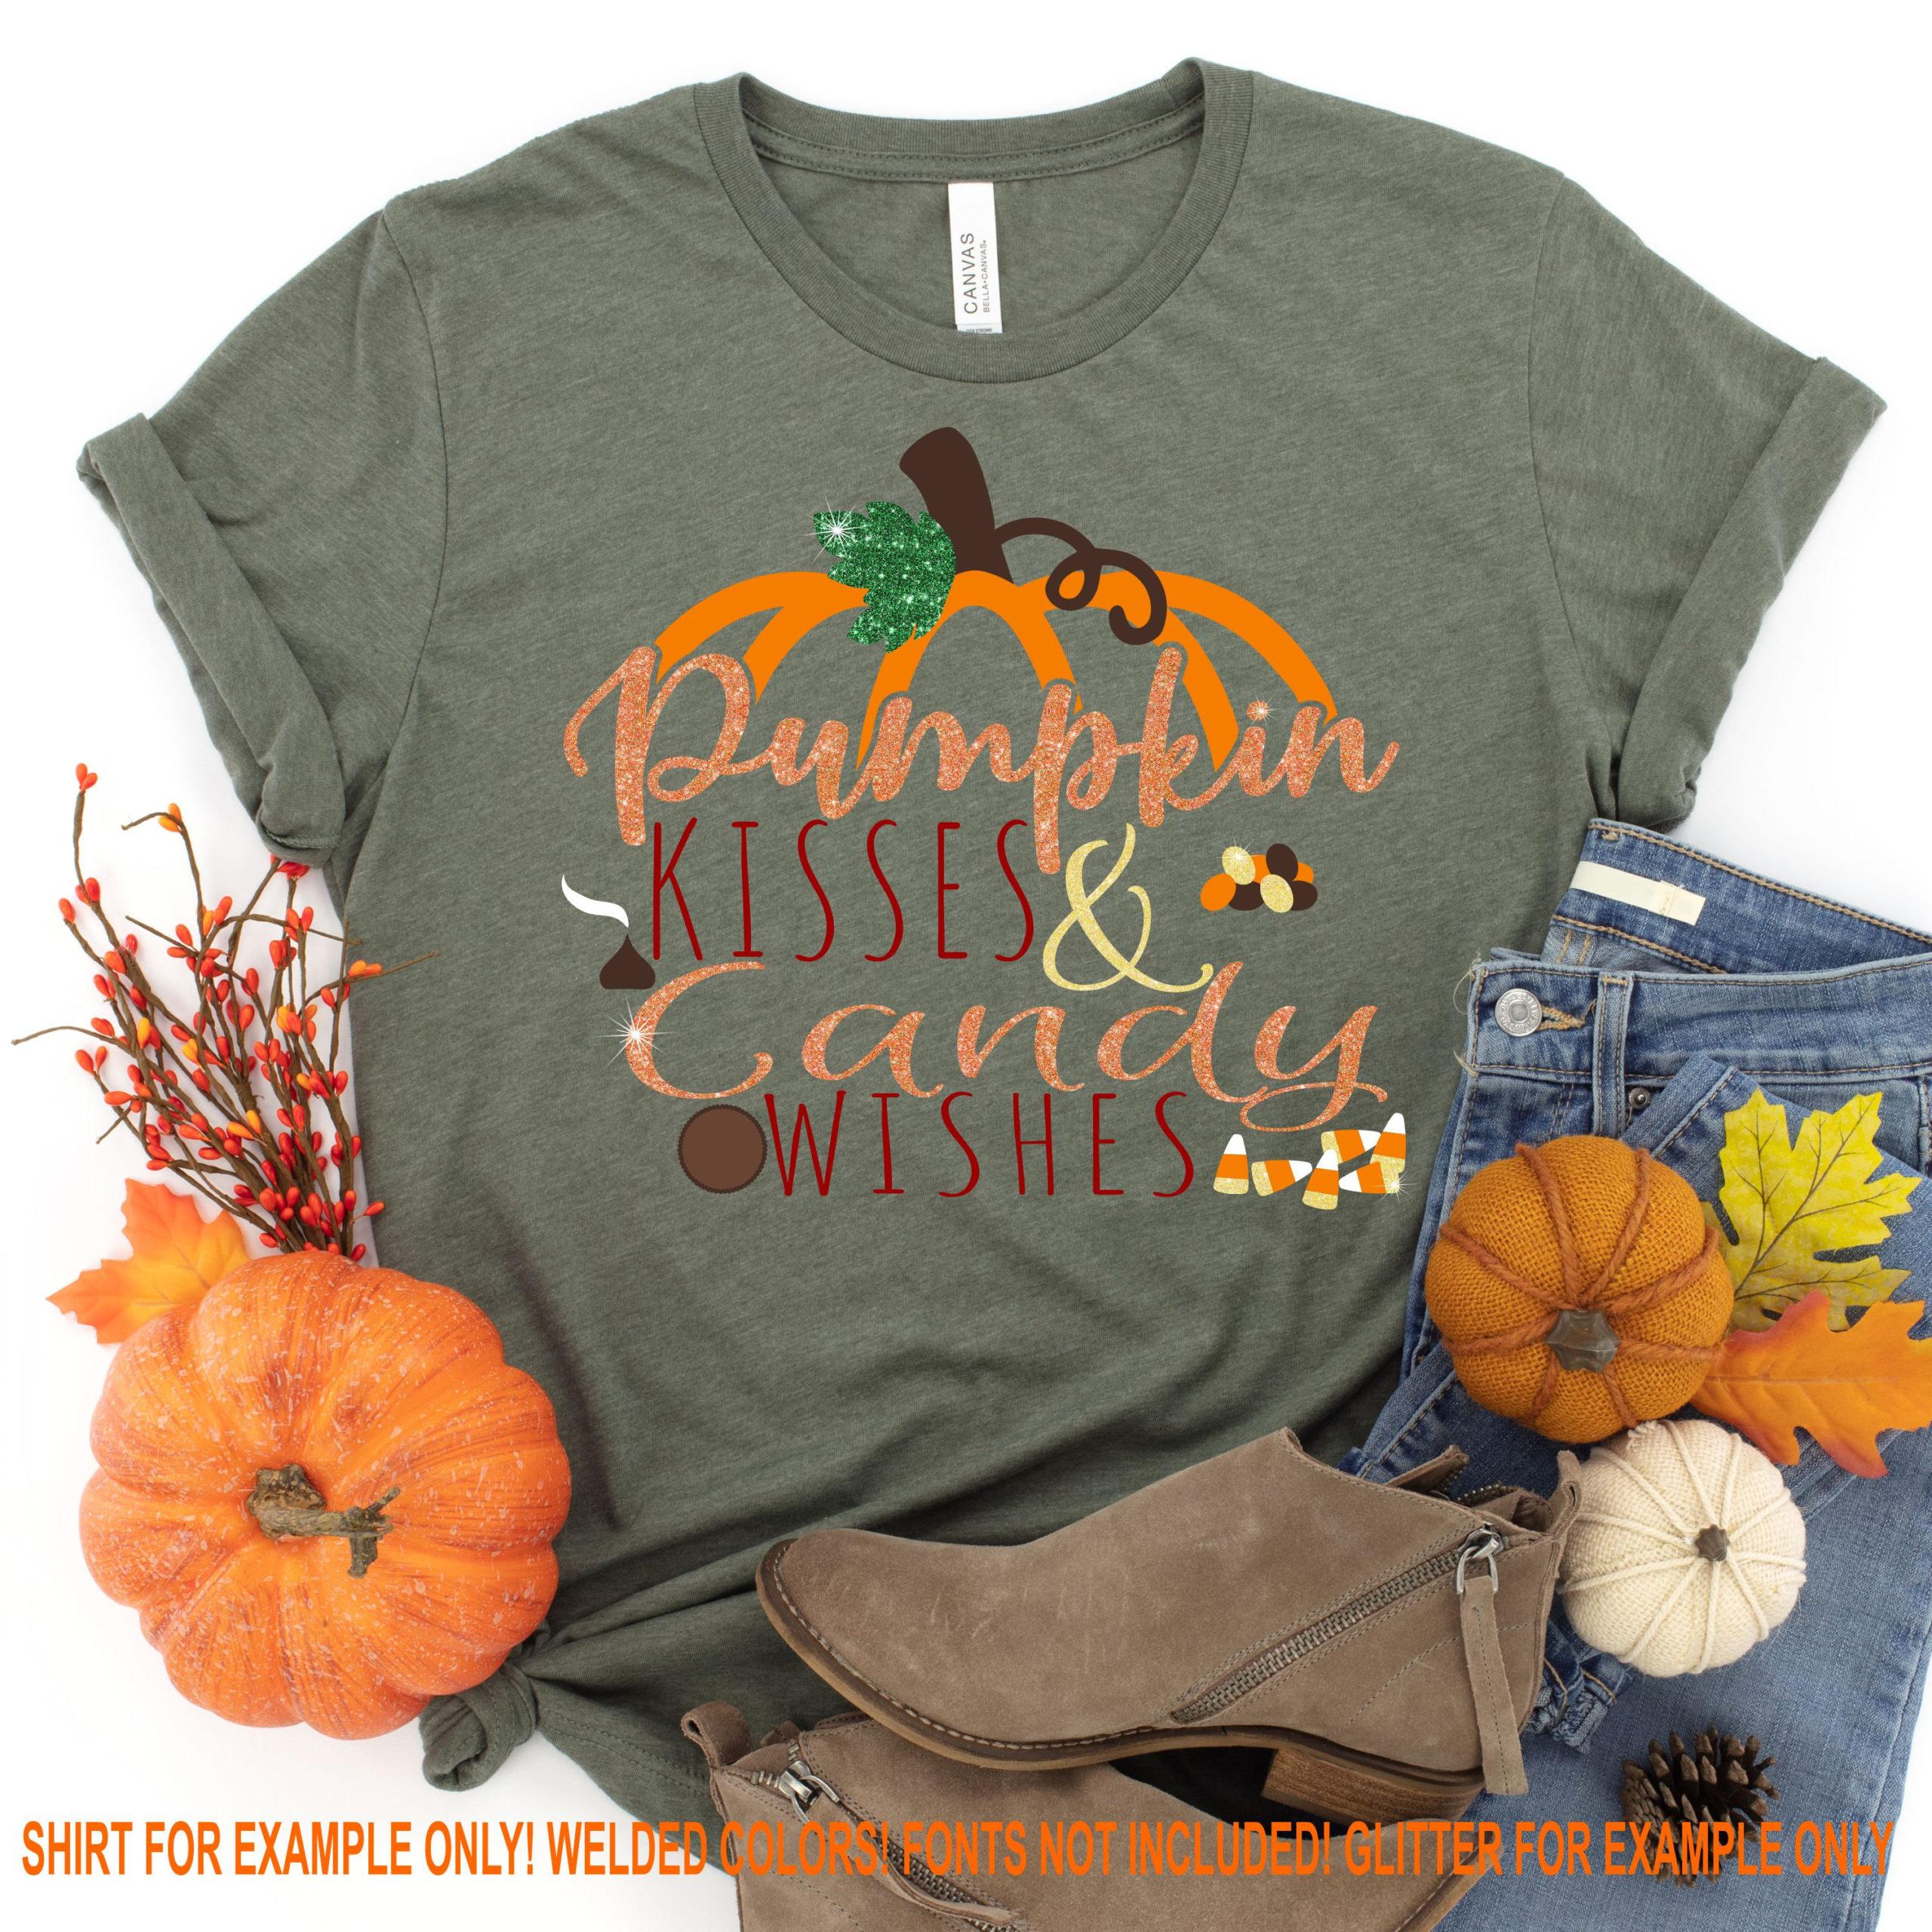 Pumpkin-kisses-candy-wishes-svgpumpkin-svg-fall-time-svg-fall-svg-pumpkins-svg-fall-svg-designcricut-svgsvg-for-mobile-5f6f70bf